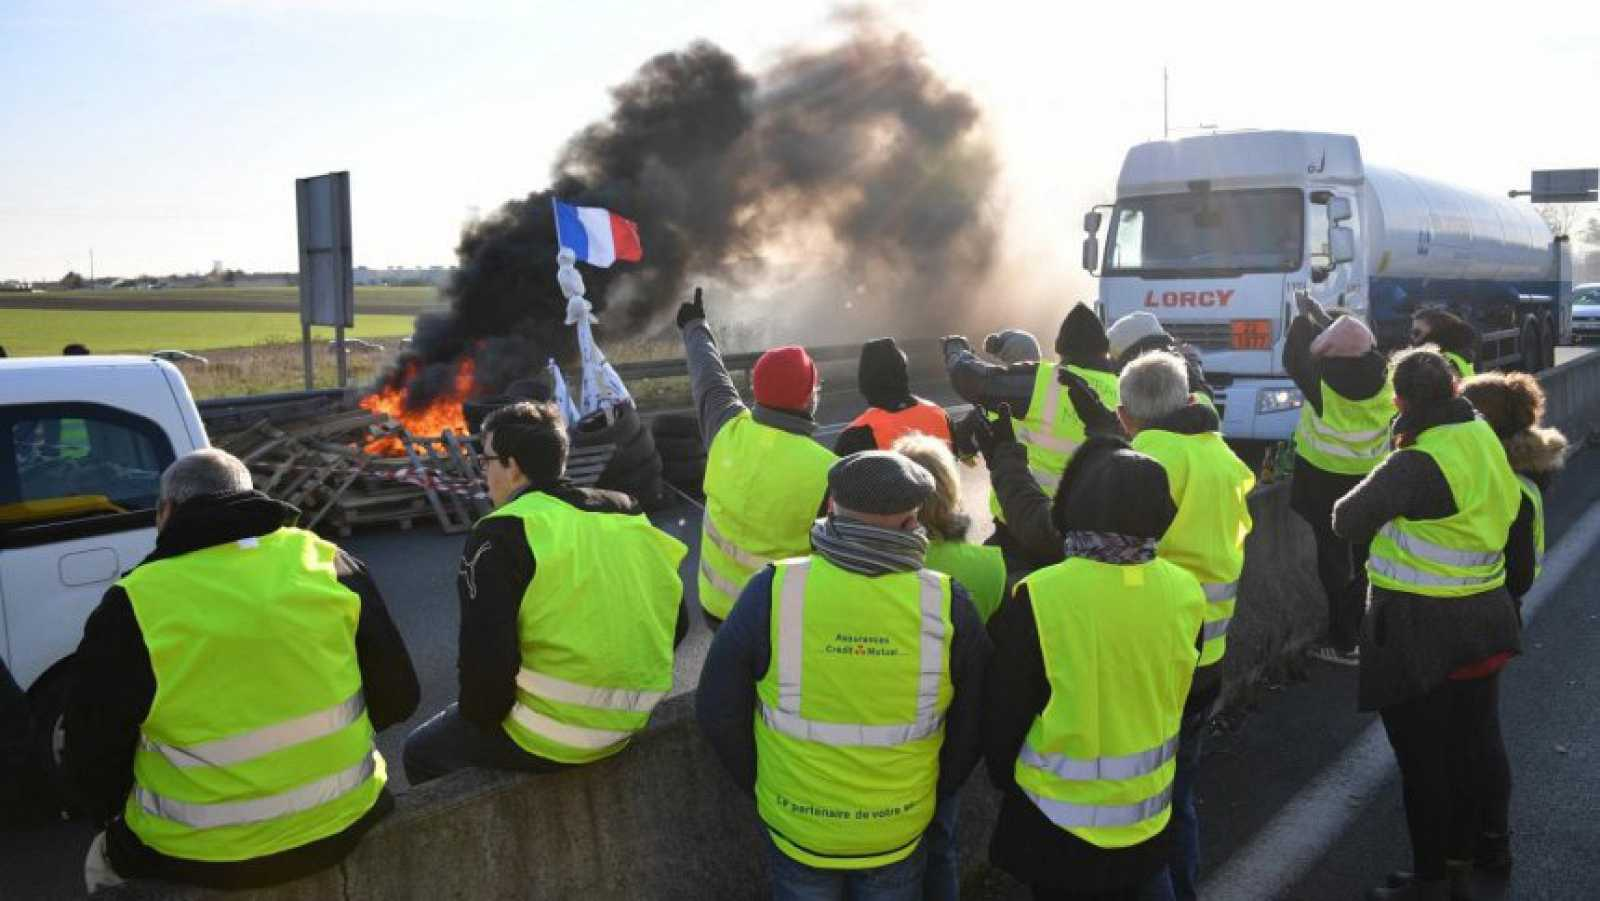 Europa abierta - ¿Quiénes son y qué piden los 'chalecos amarillos' en Francia? - escuchar ahora